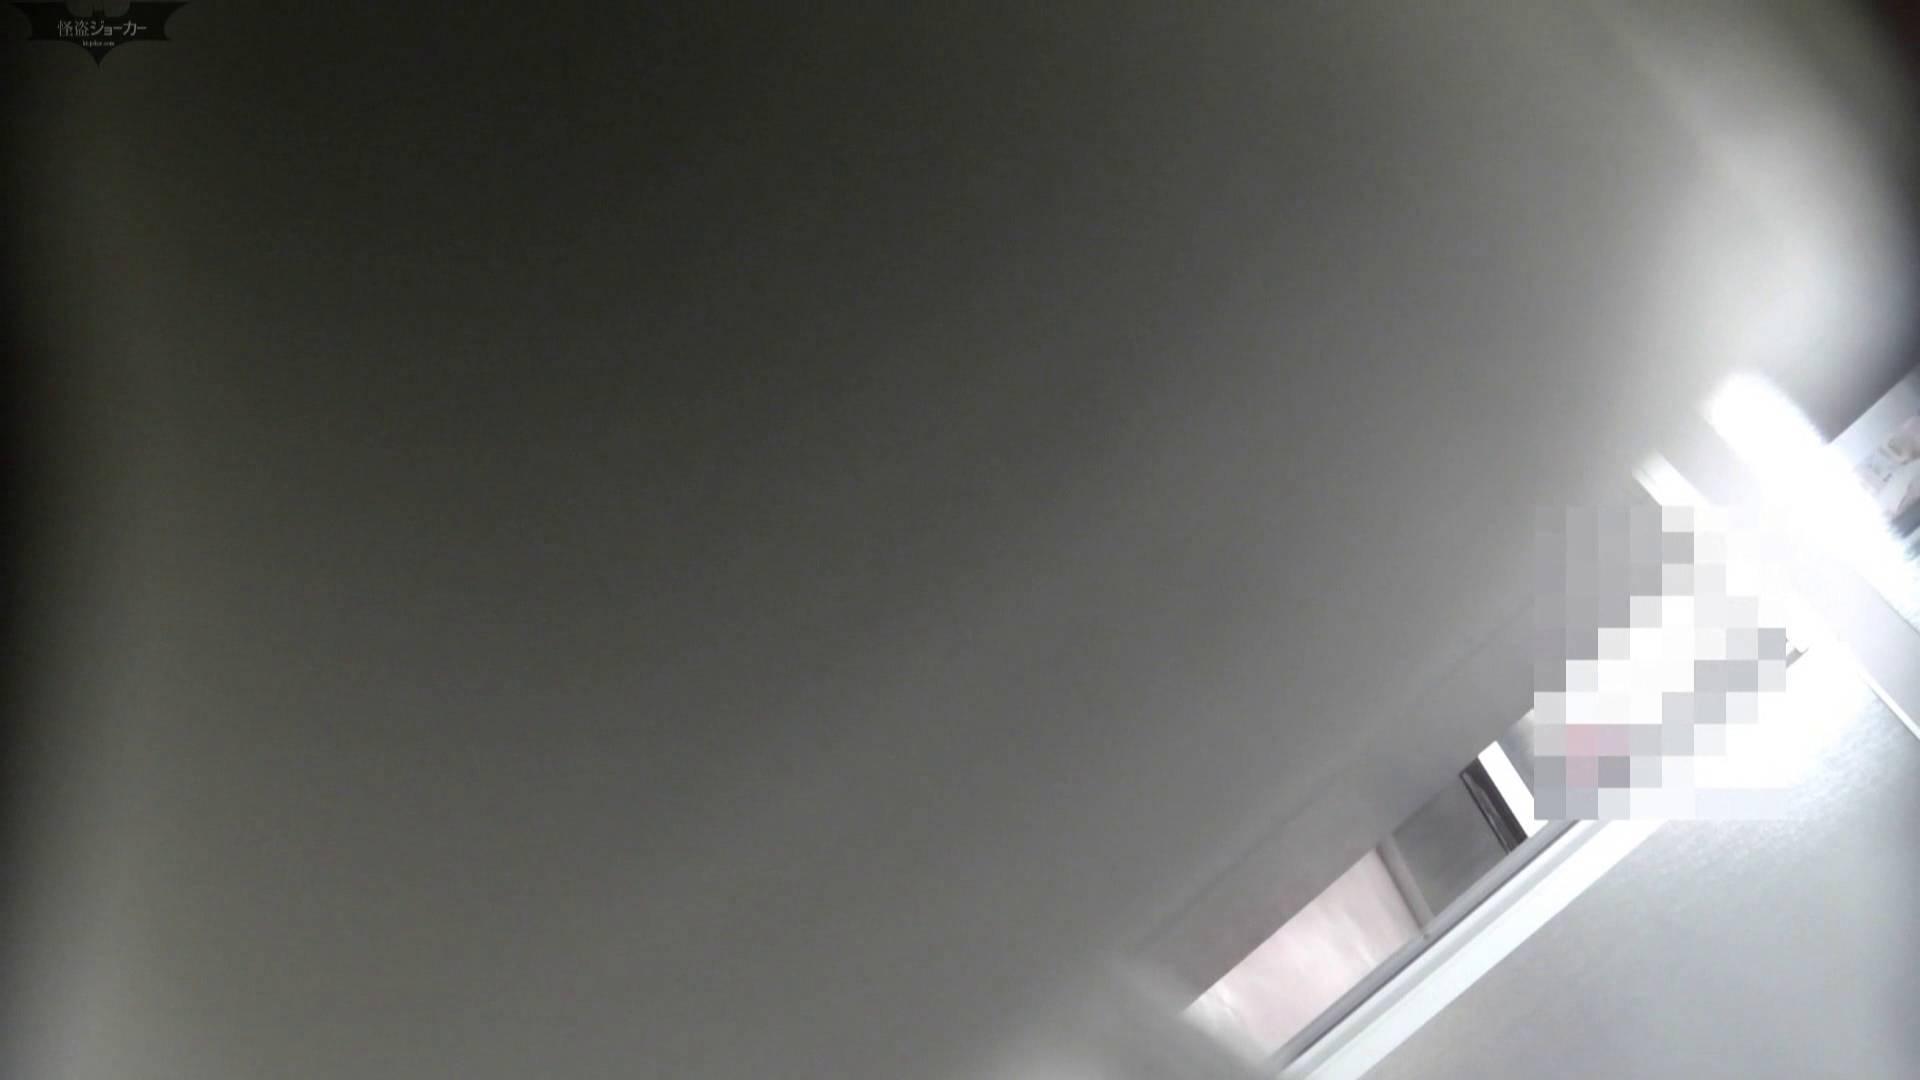 洗面所特攻隊 vol.006 高画質  52PIX 37